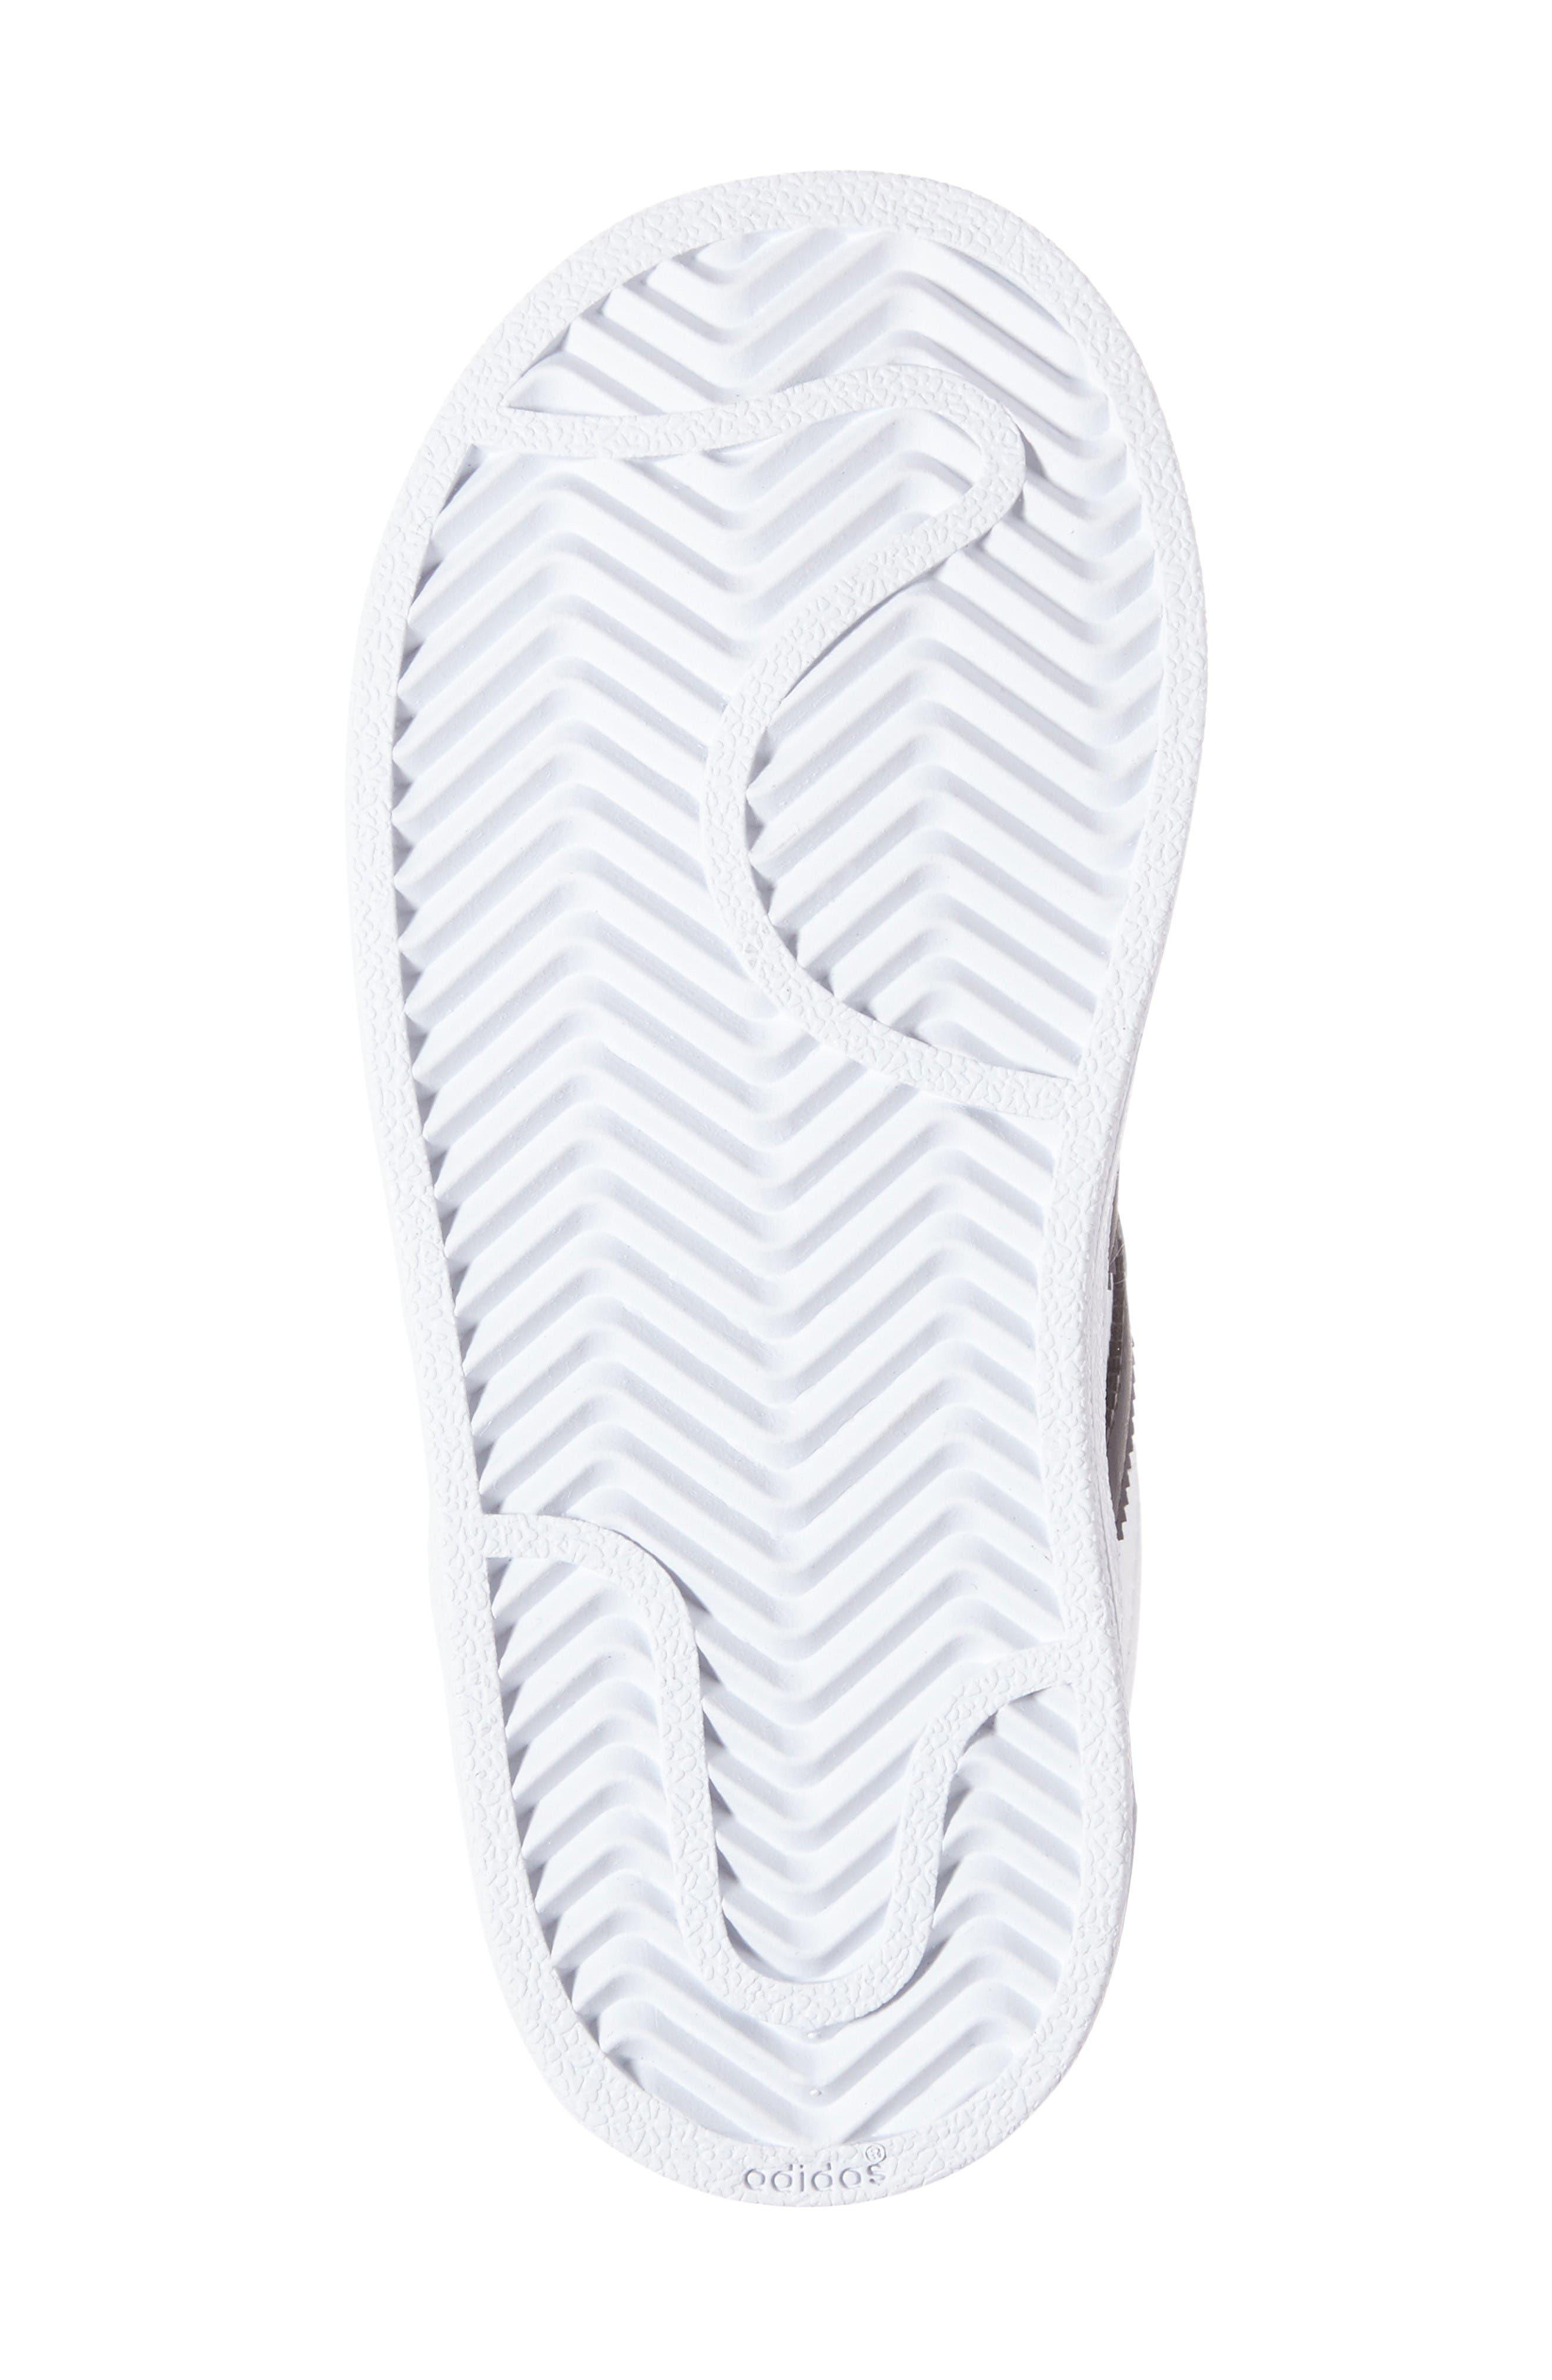 Superstar Foundation Sneaker,                             Alternate thumbnail 4, color,                             White/ Core Black/ White